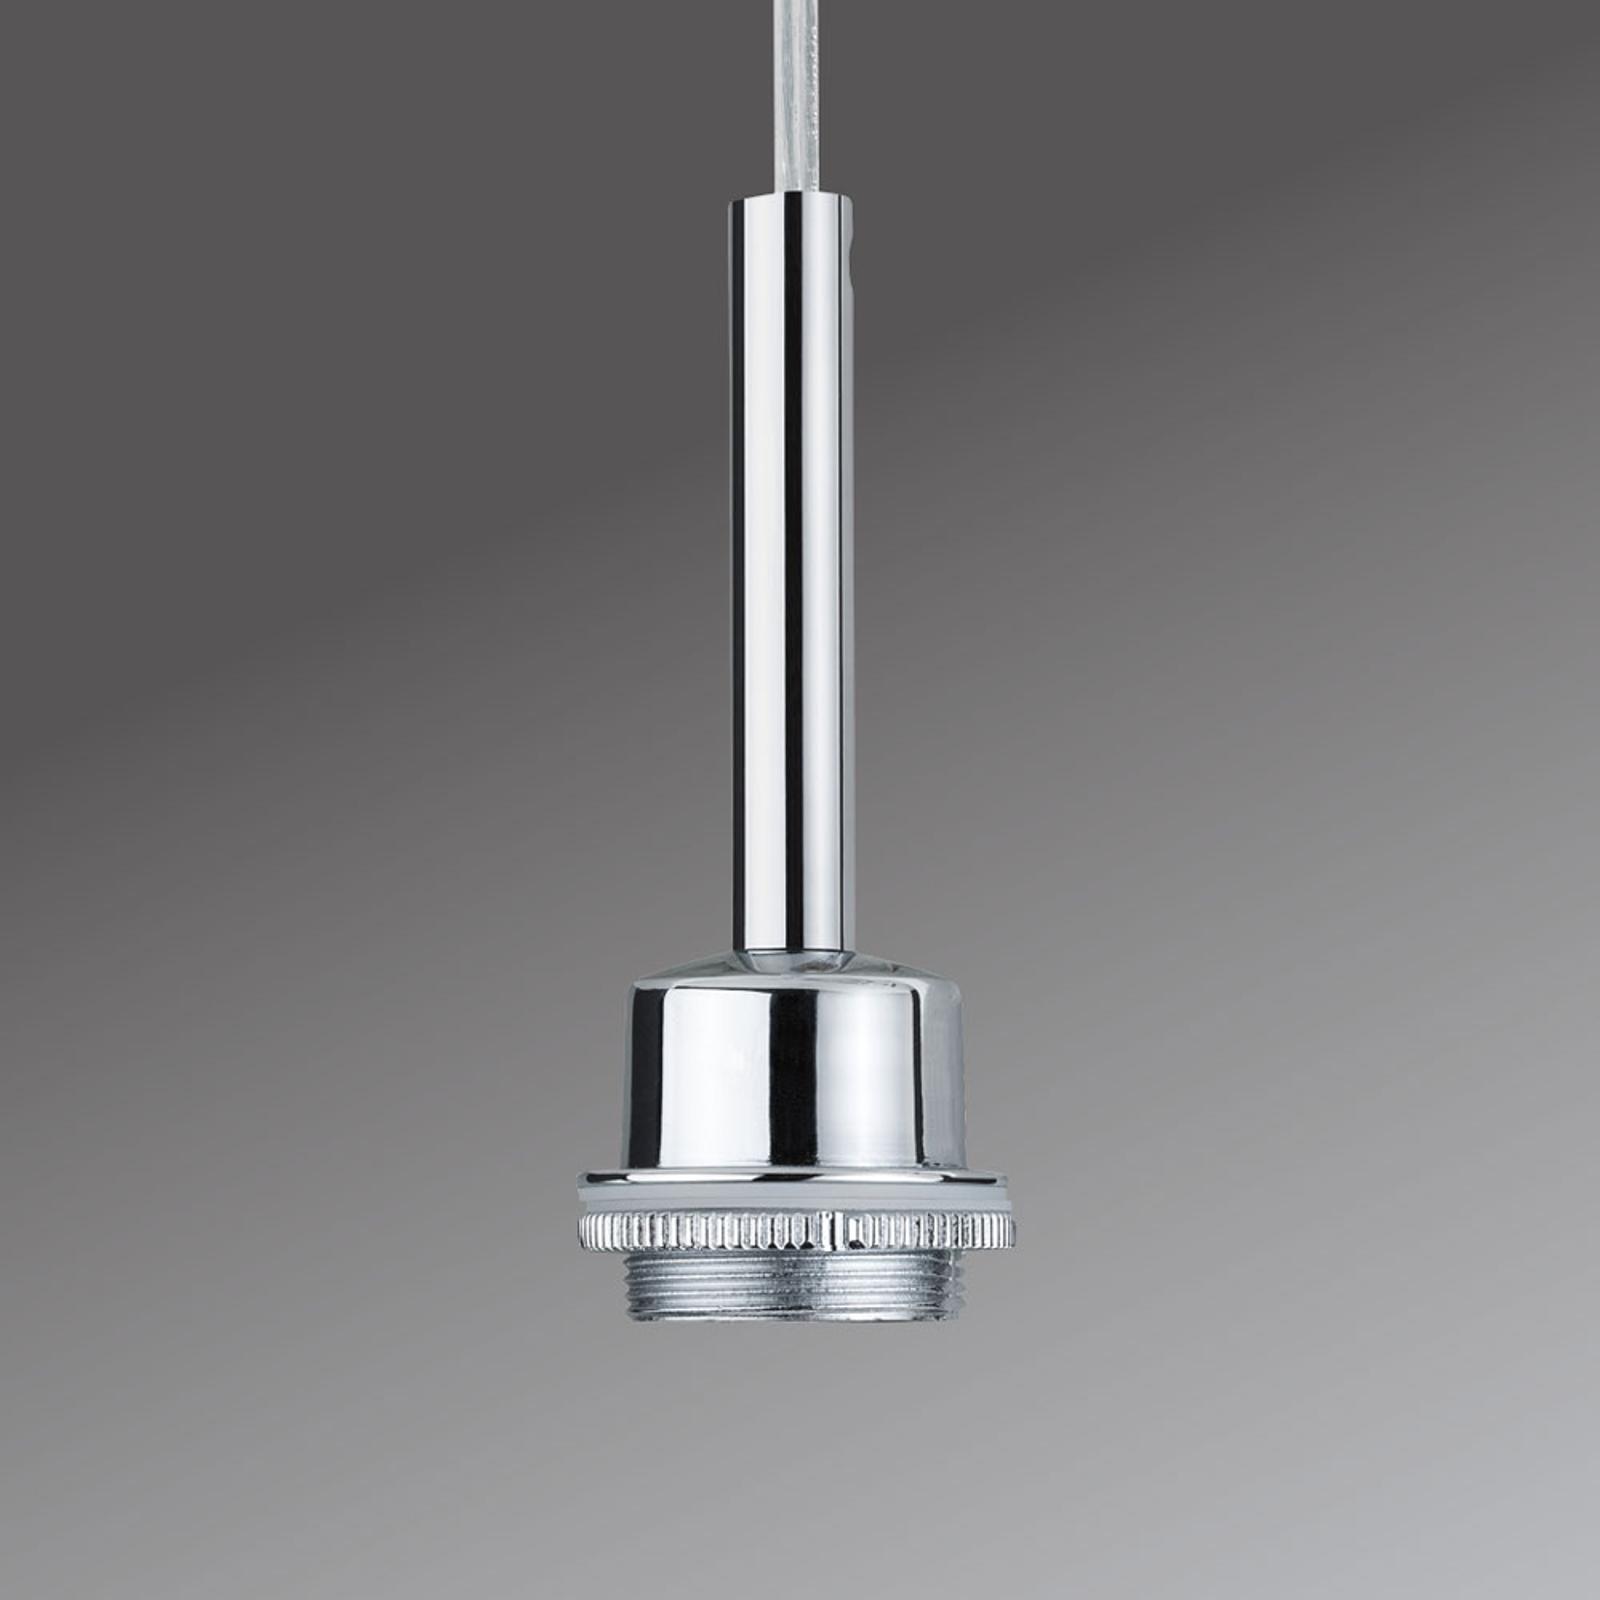 Paulmann VariLine Basic lampa wisząca GZ10